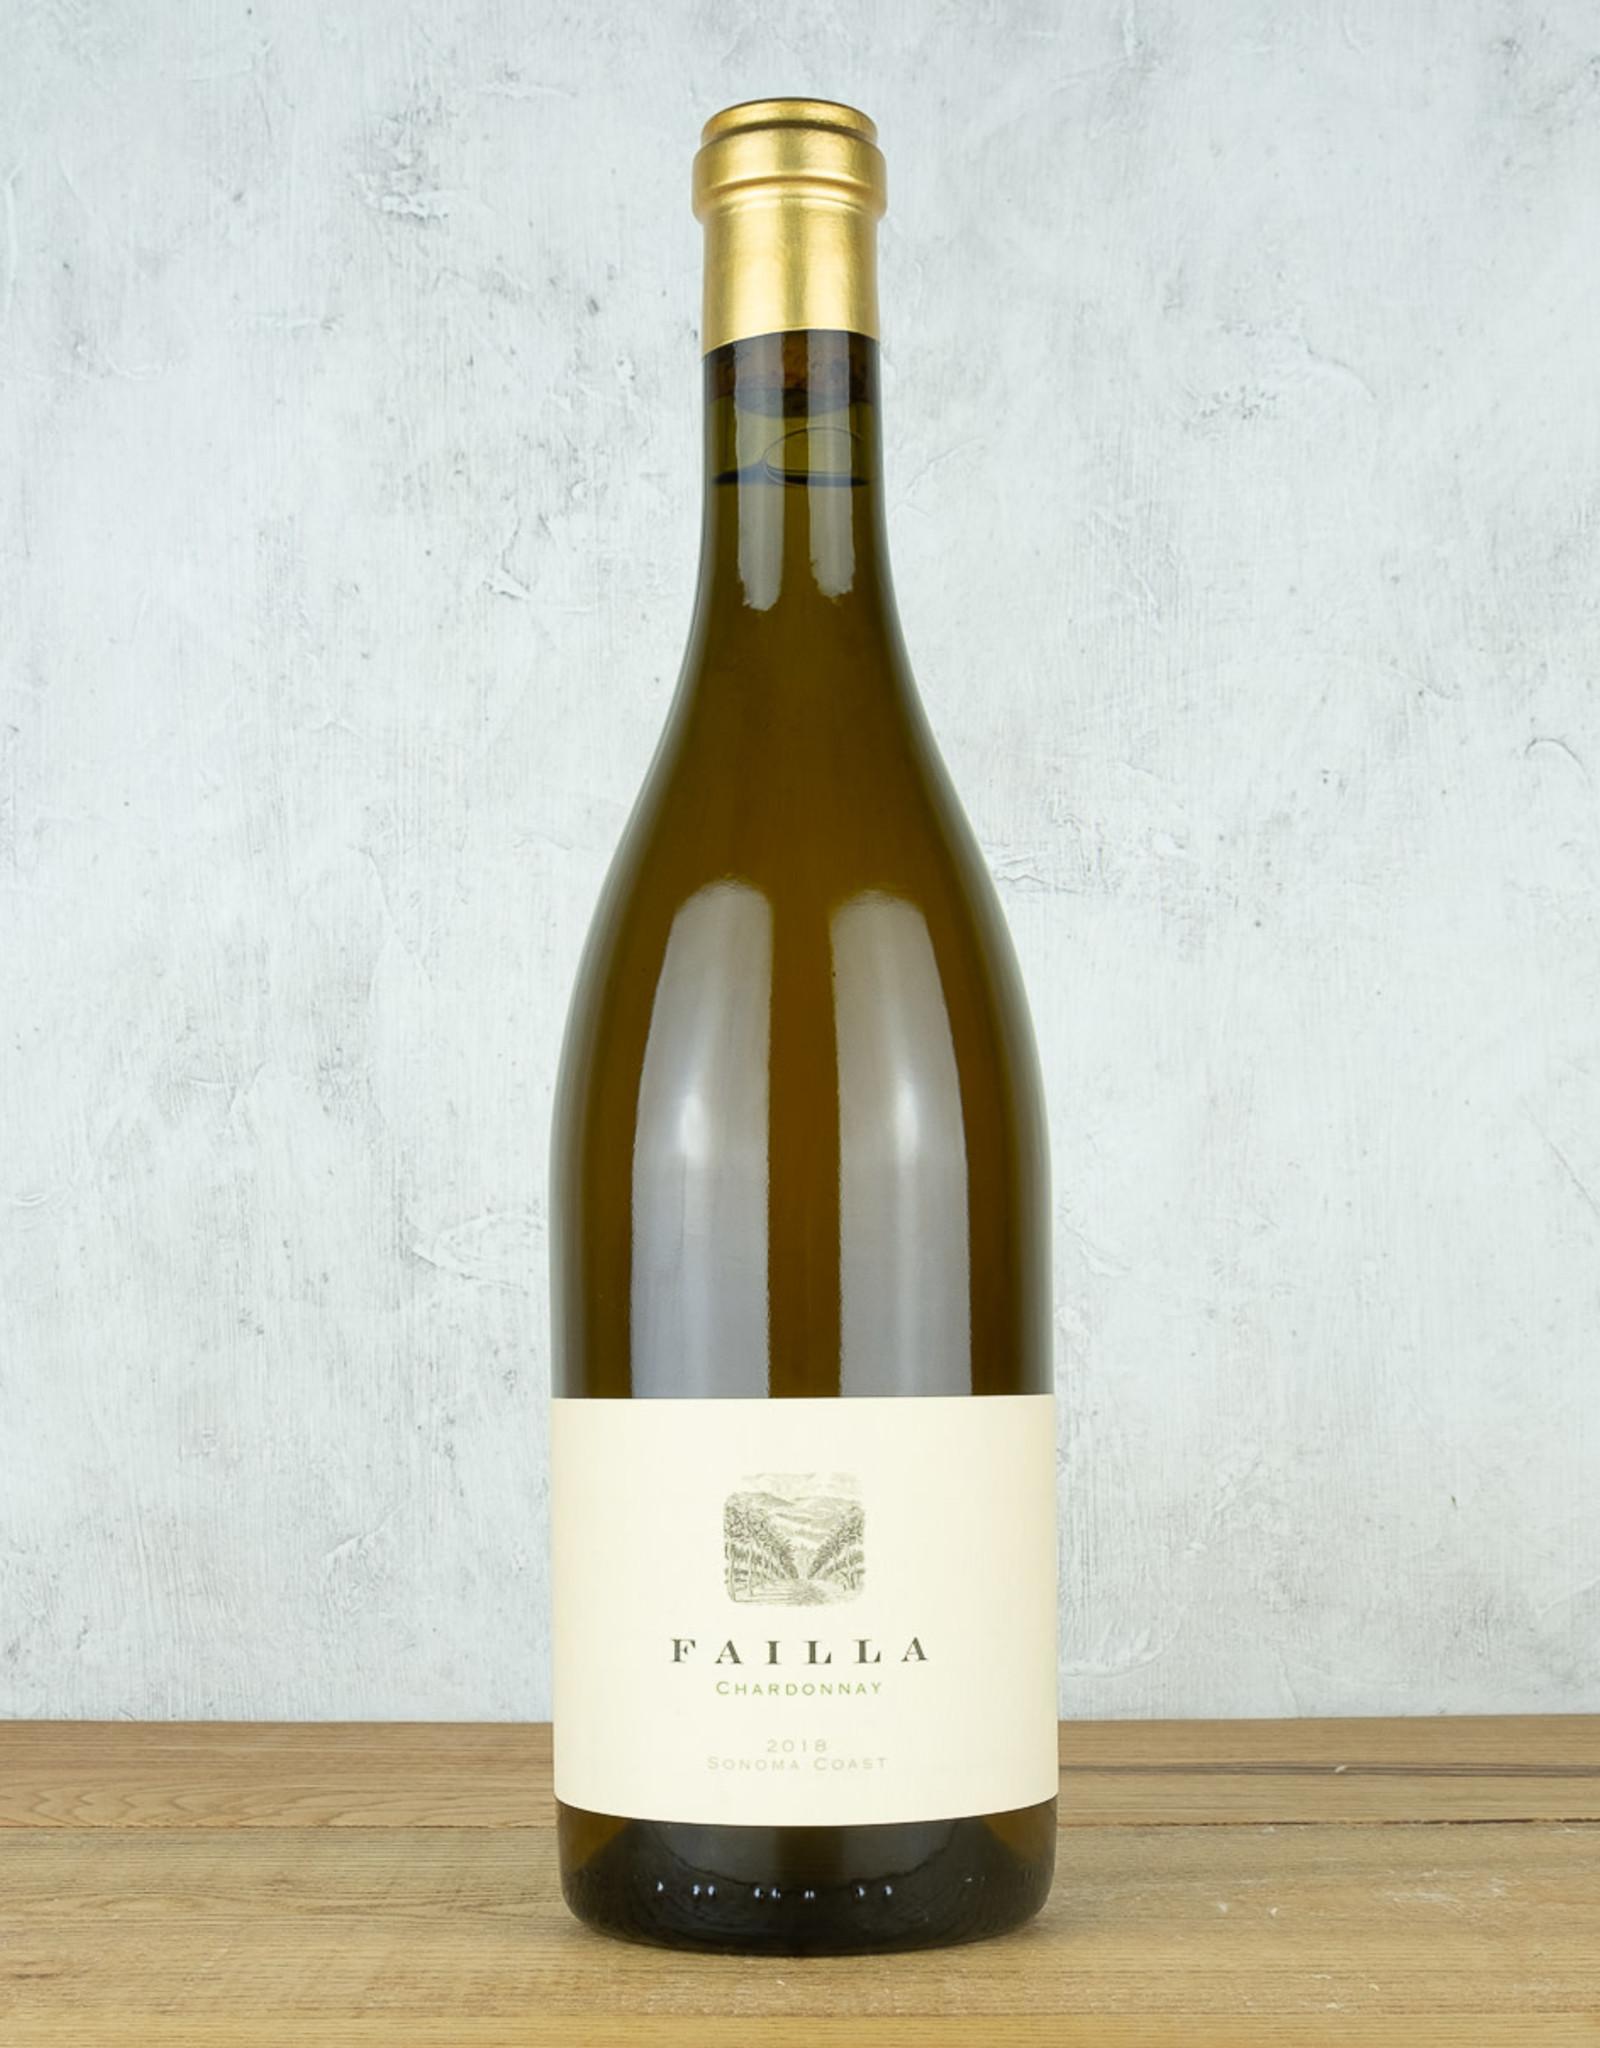 Failla Chardonnay Sonoma Coast